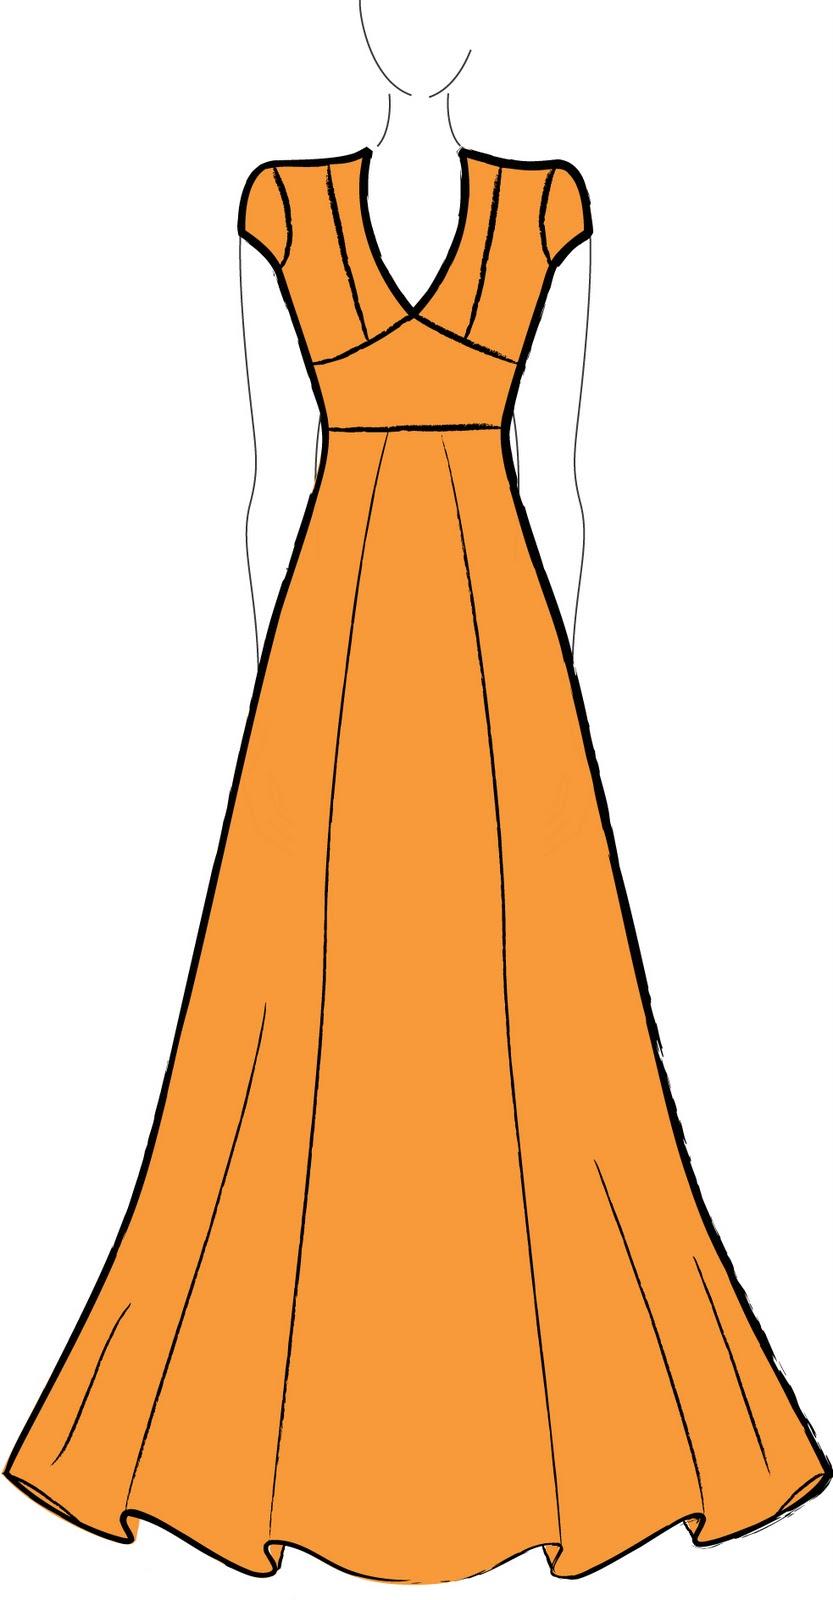 Molde de vestido longo em malha